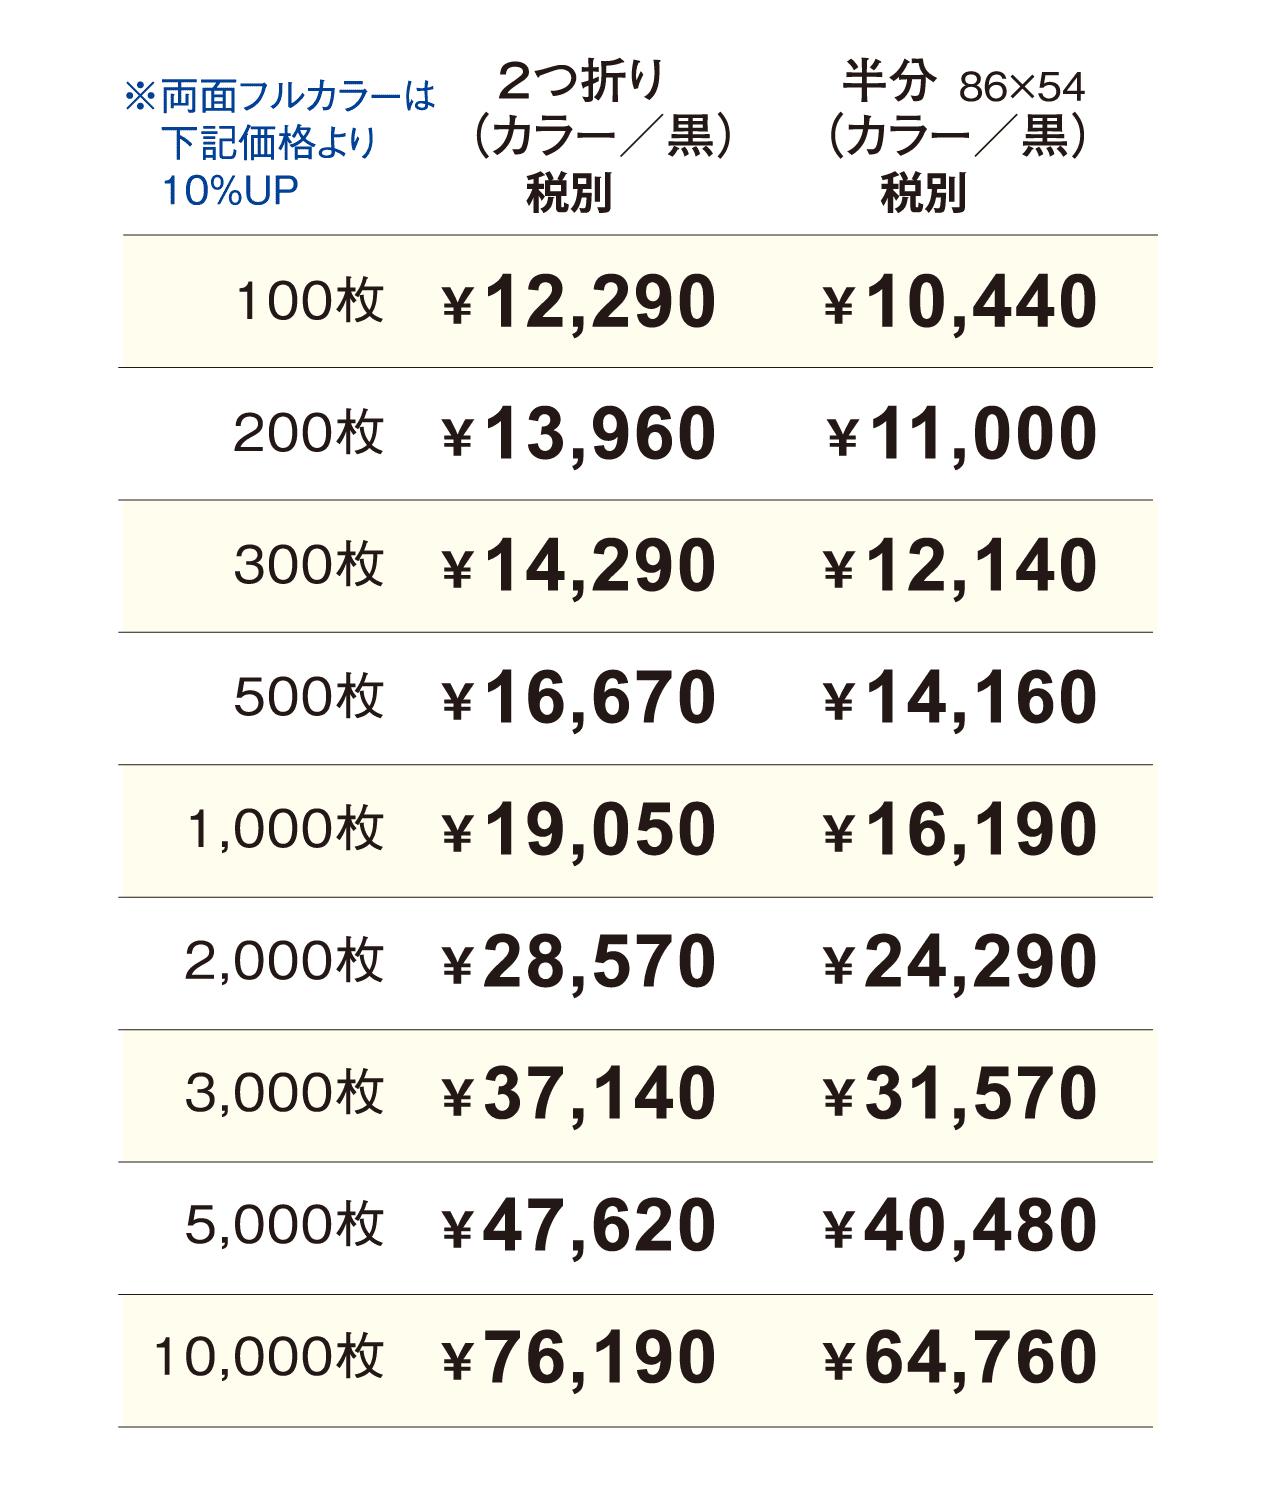 スタンプカード印刷料金表